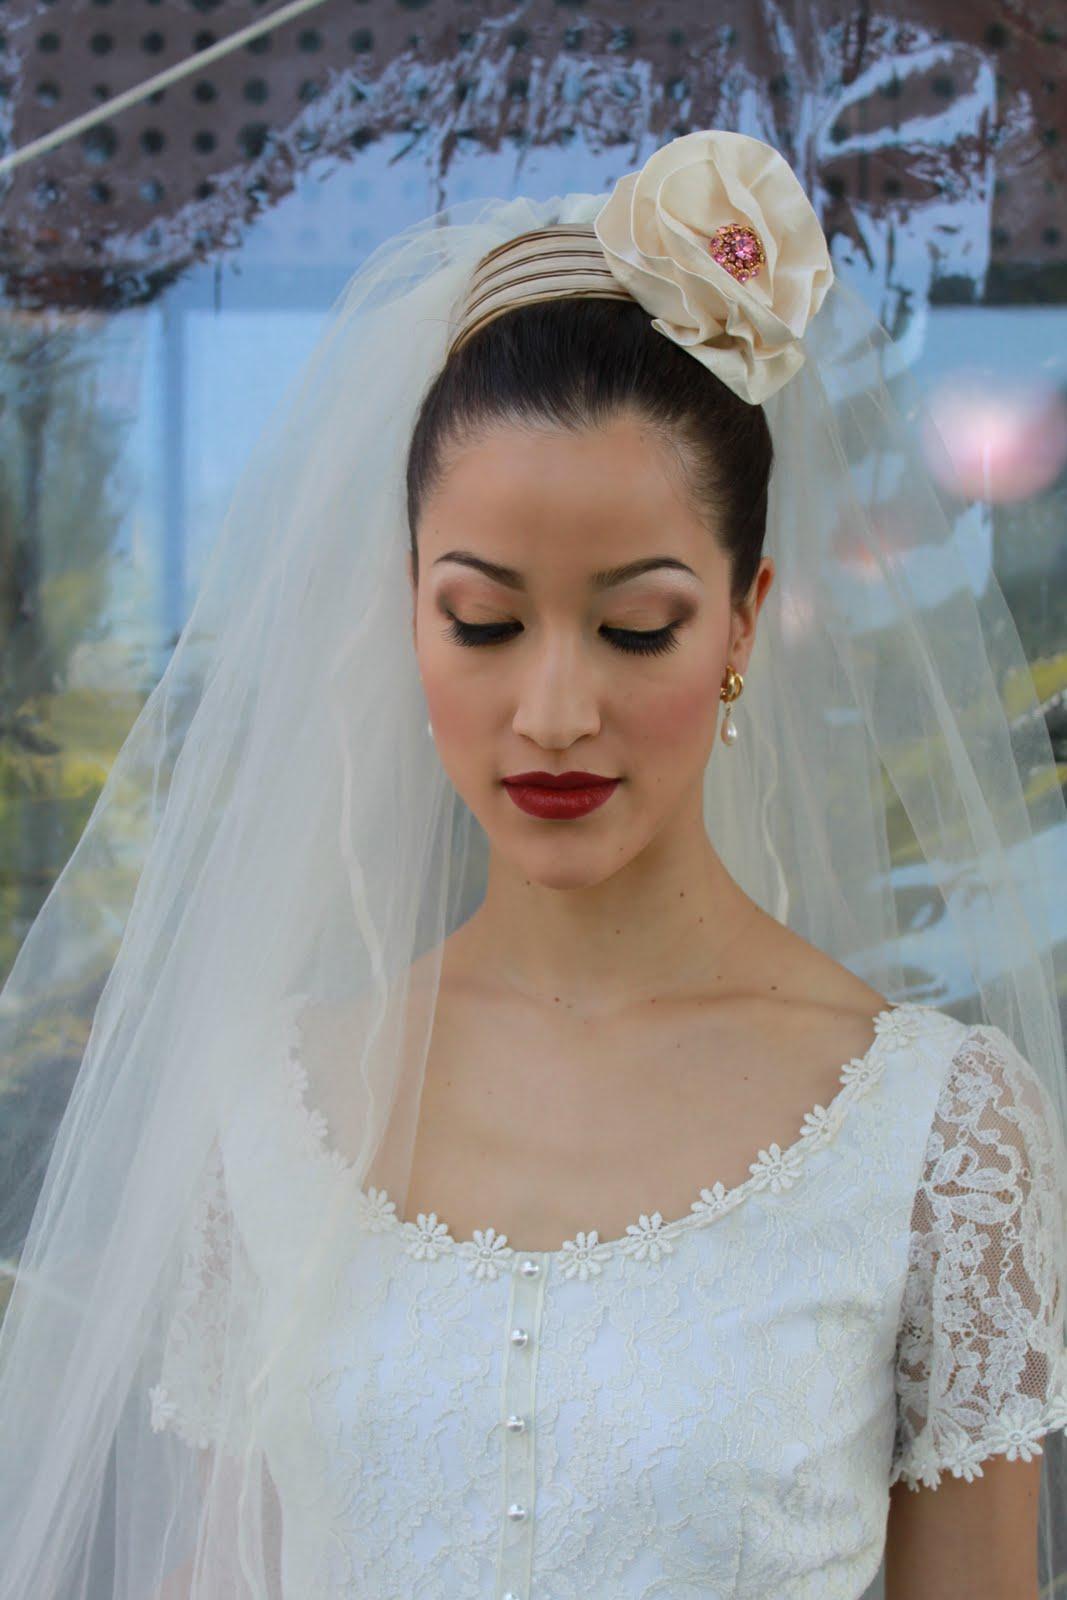 BRIDE CHIC: HEADPIECE, VEIL (OR BOTH)?